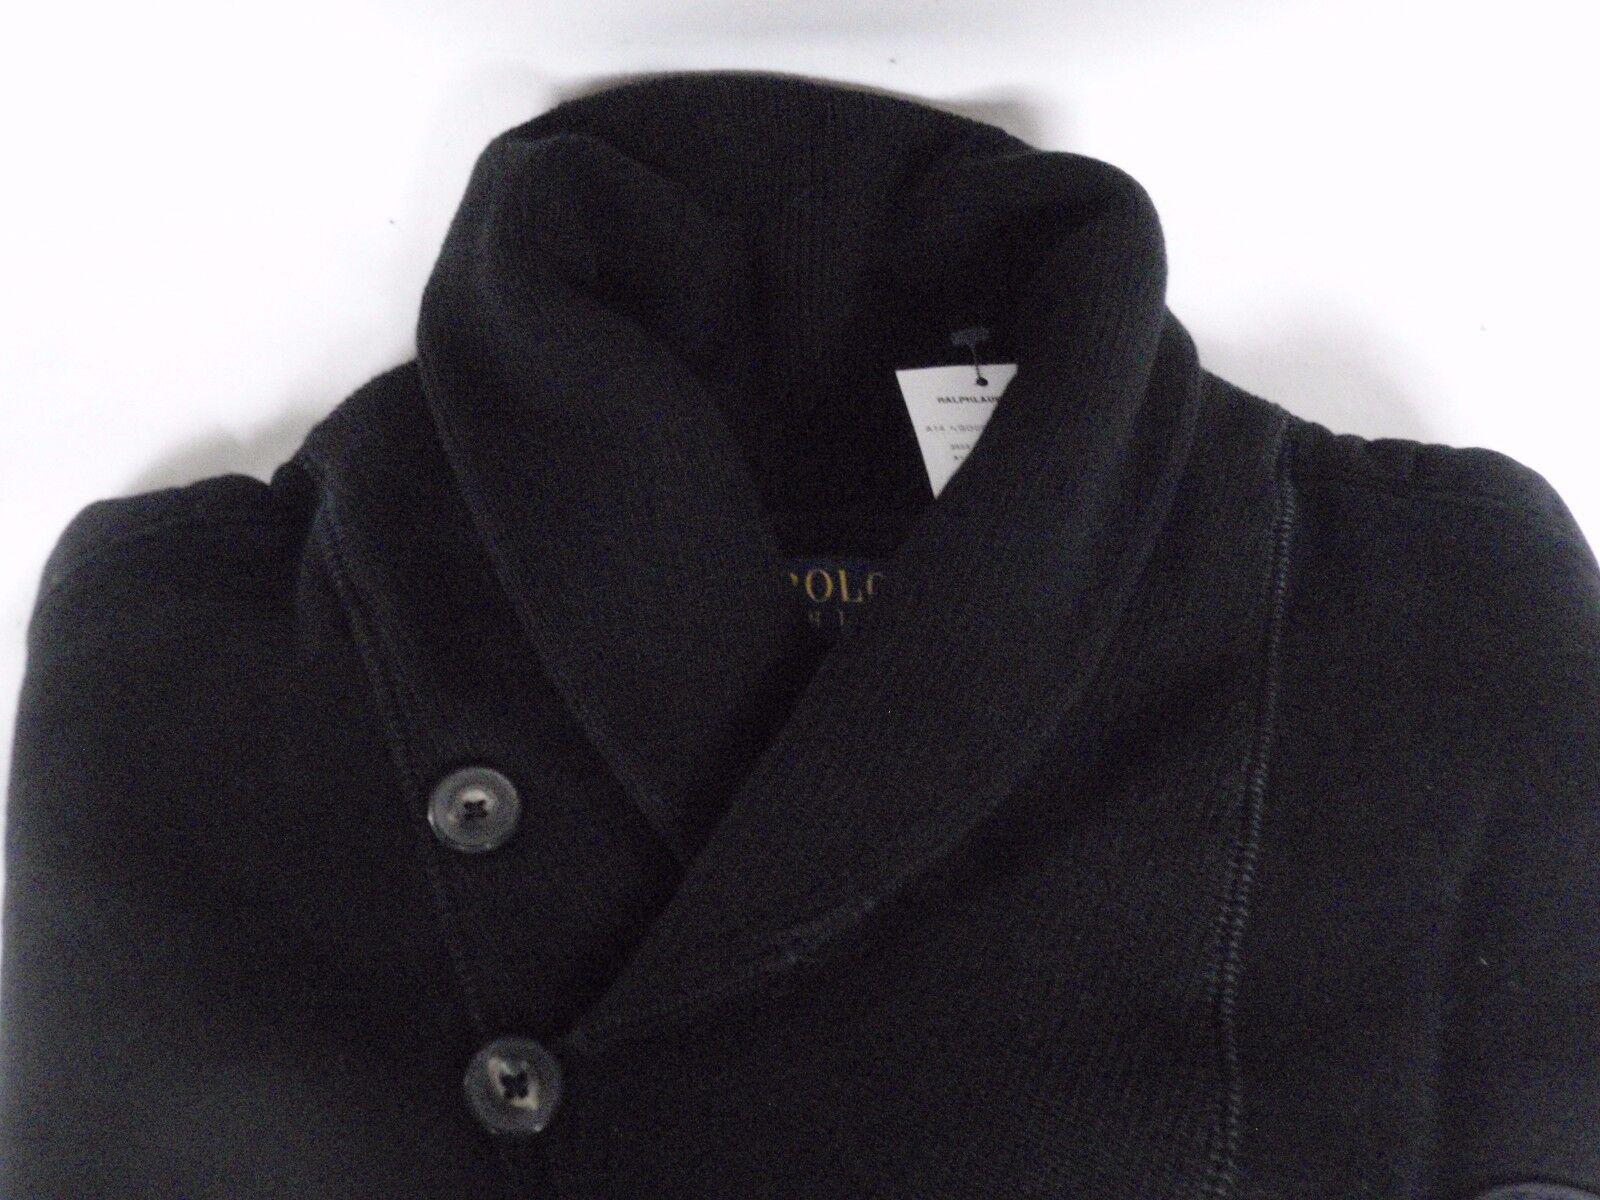 NUOVA linea uomo RALPH LAUREN nero Cotone Scialle Scialle Scialle Collo Maglione Pullover Piccolo 98d24e